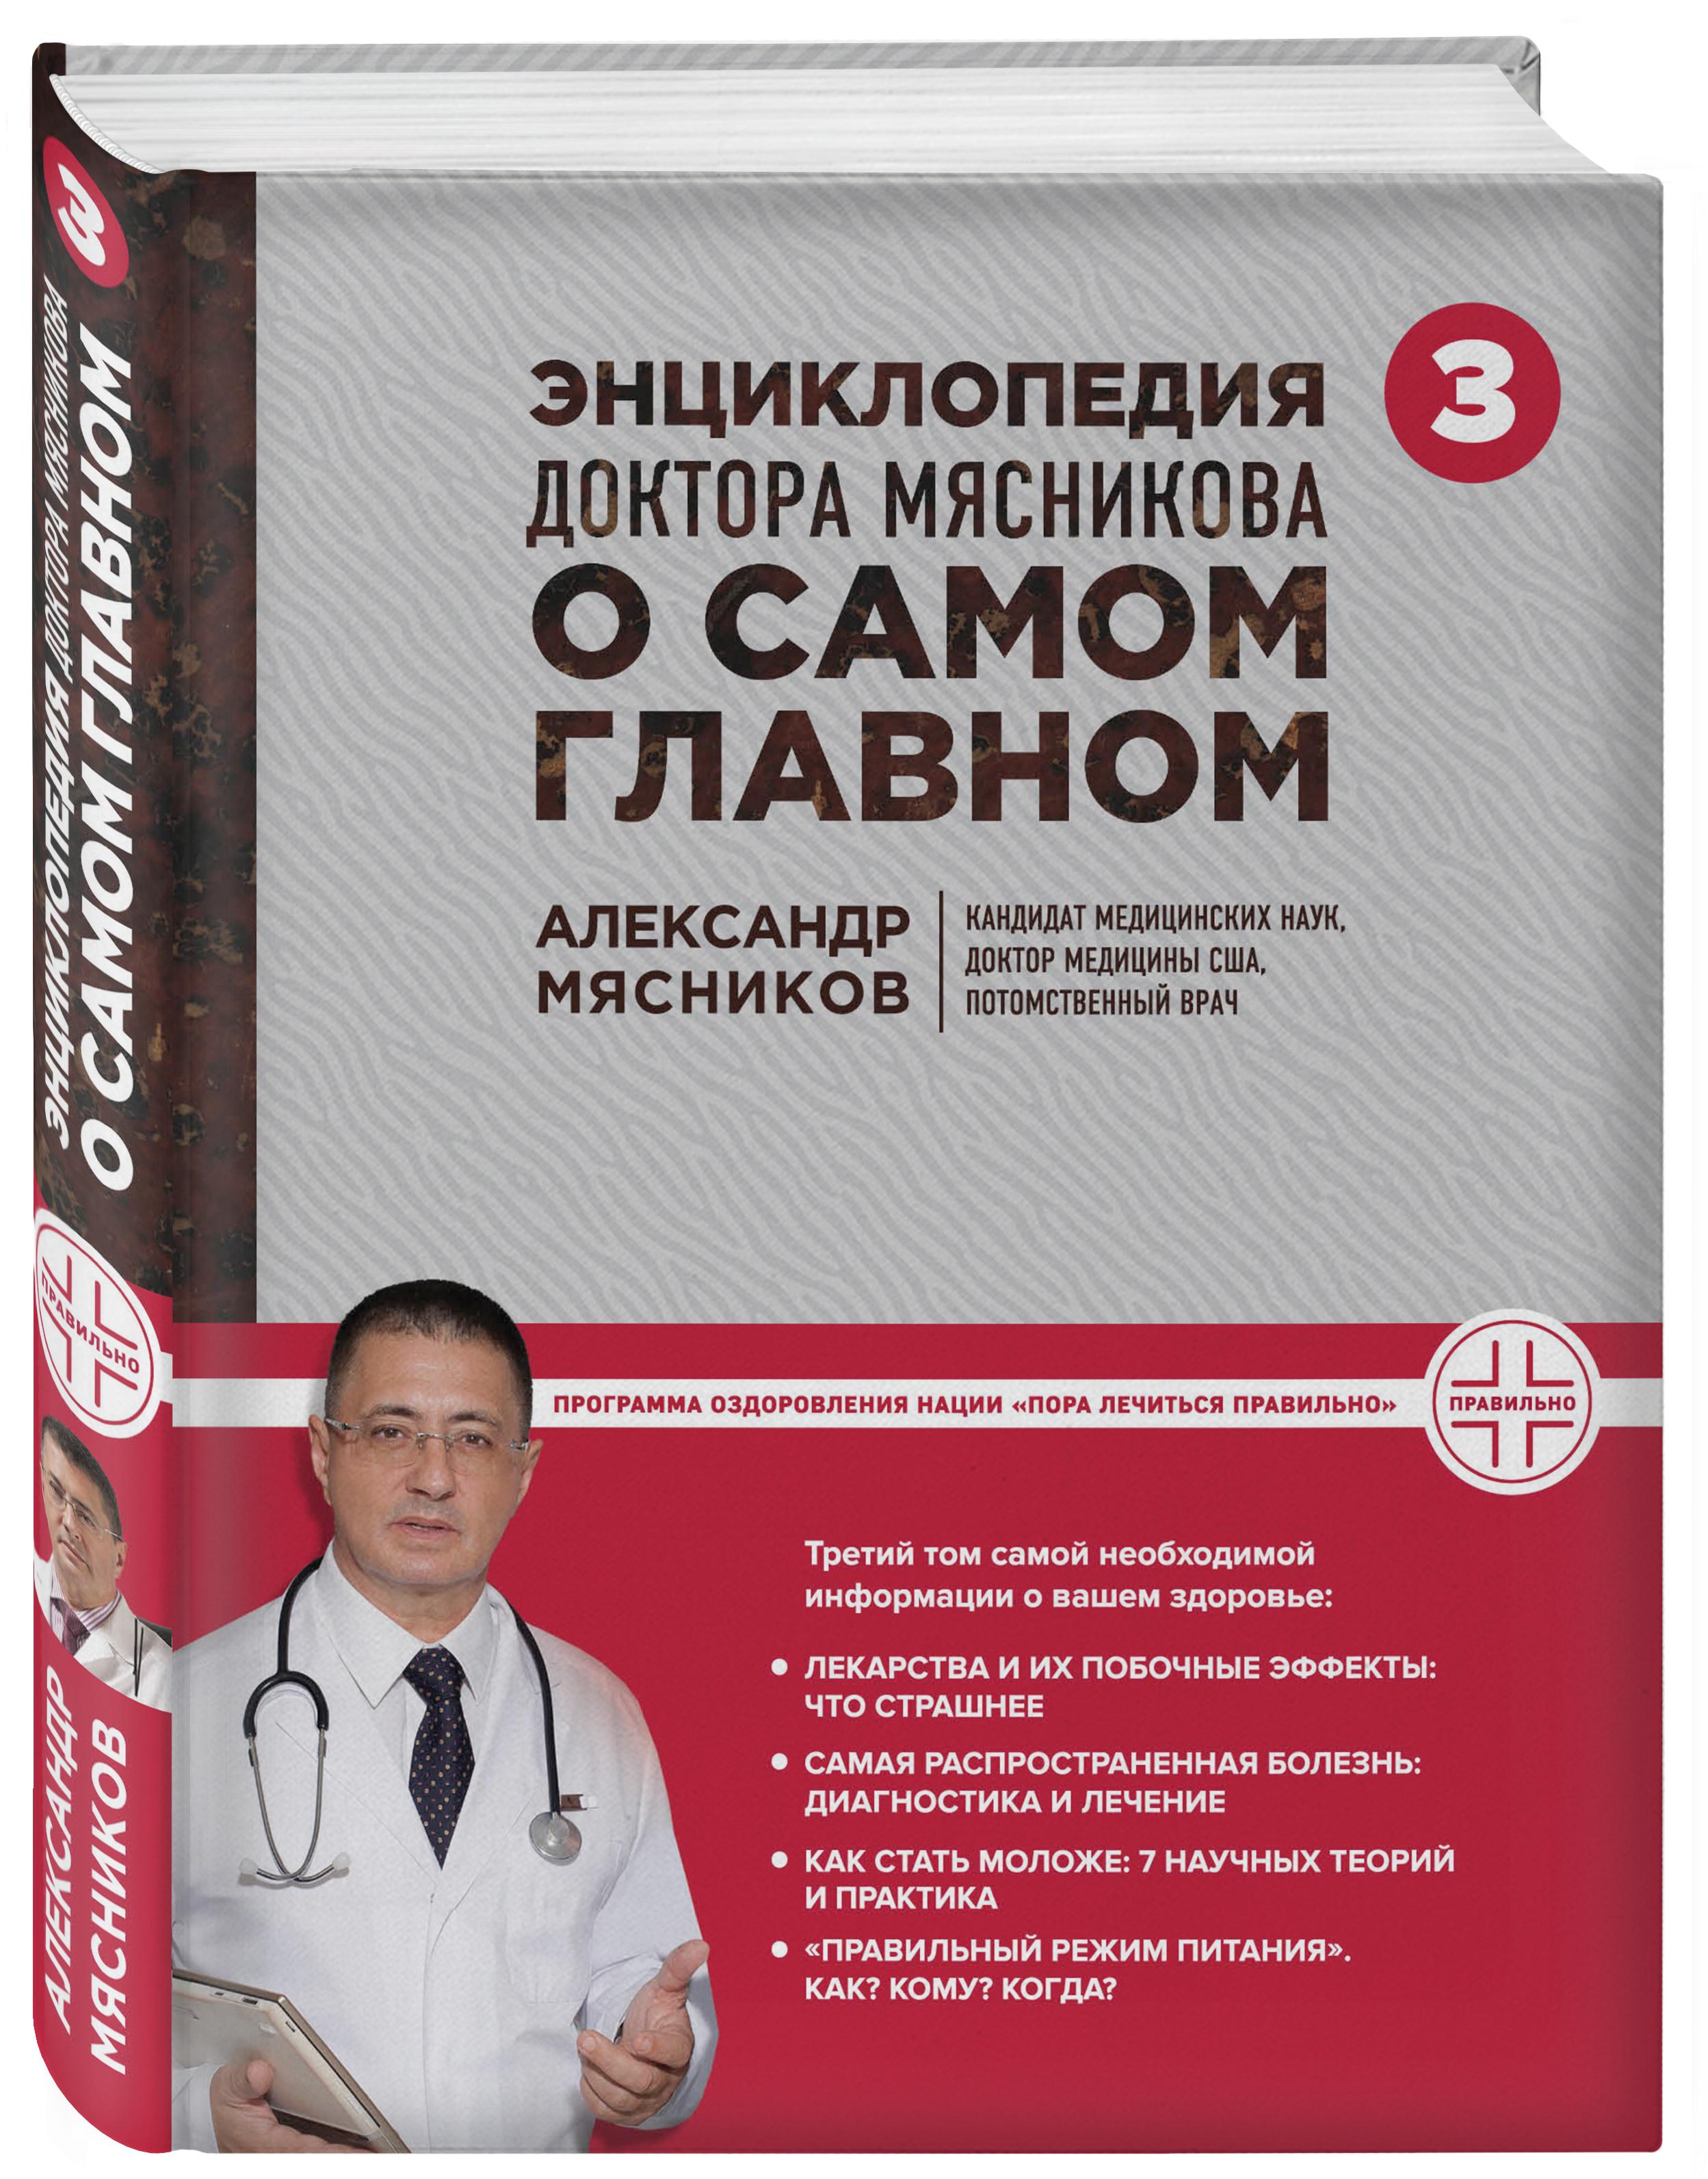 Советы Доктора Мясникова Желающим Похудеть. Советы Александра Мясникова, как похудеть без вреда для здоровья